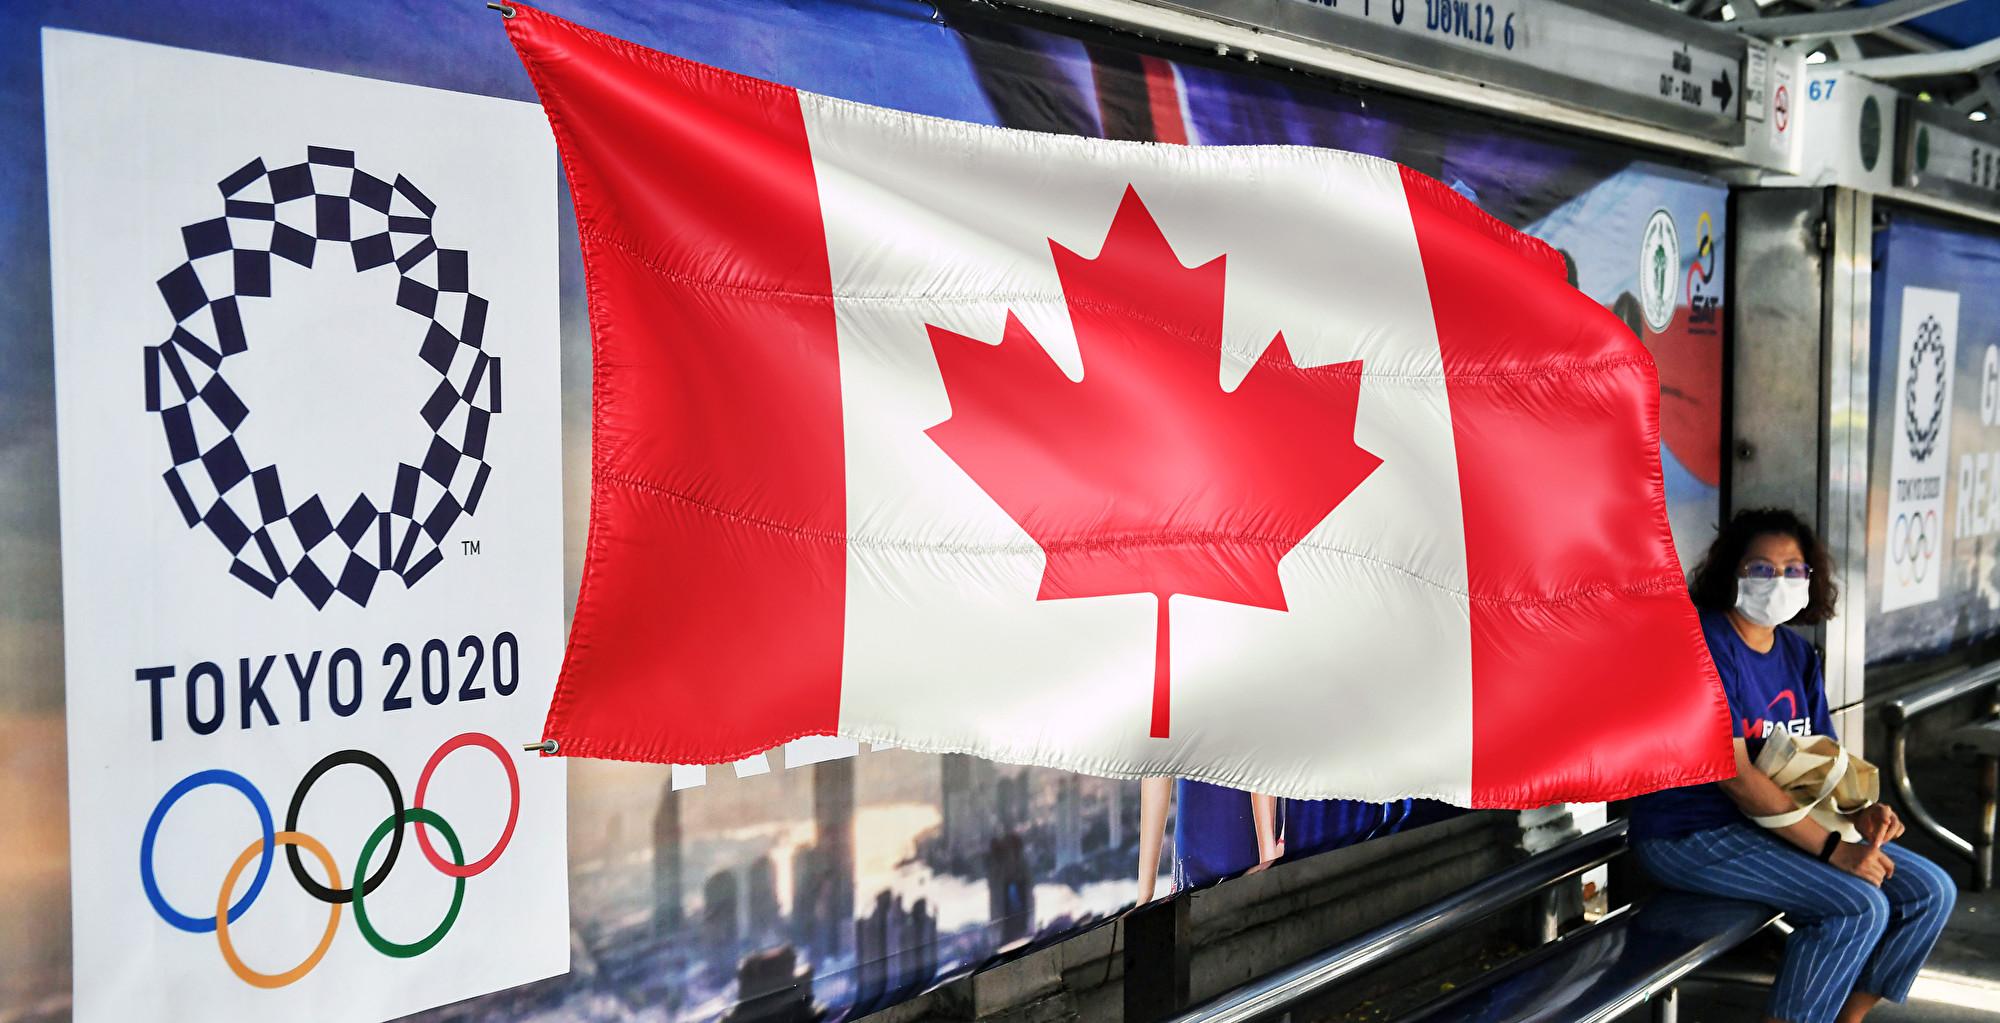 2020東京夏季奧運會將於7月舉行,由於中共病毒正在全球擴散,加拿大奧委會3月22日晚宣佈不派出運動員參賽。(AFP/Getty Images、iStock合成圖)